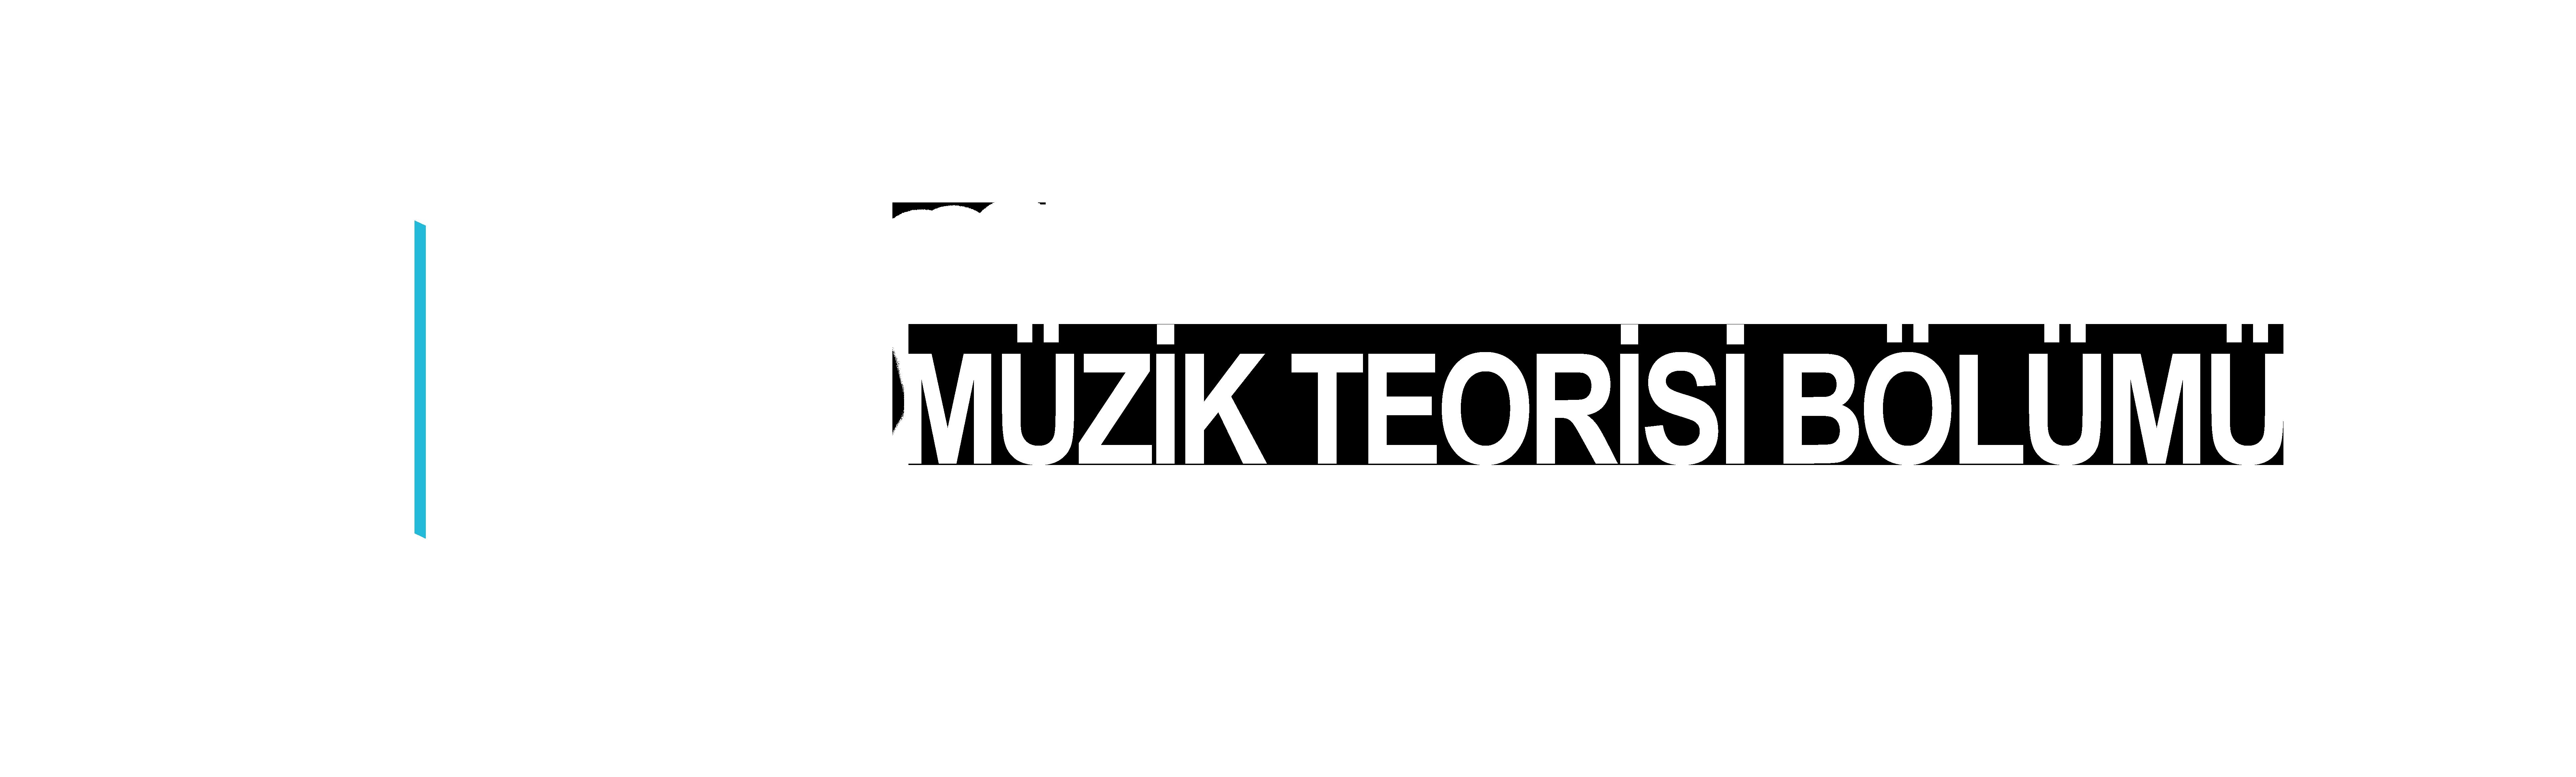 Müzik Teorisi Bölümü